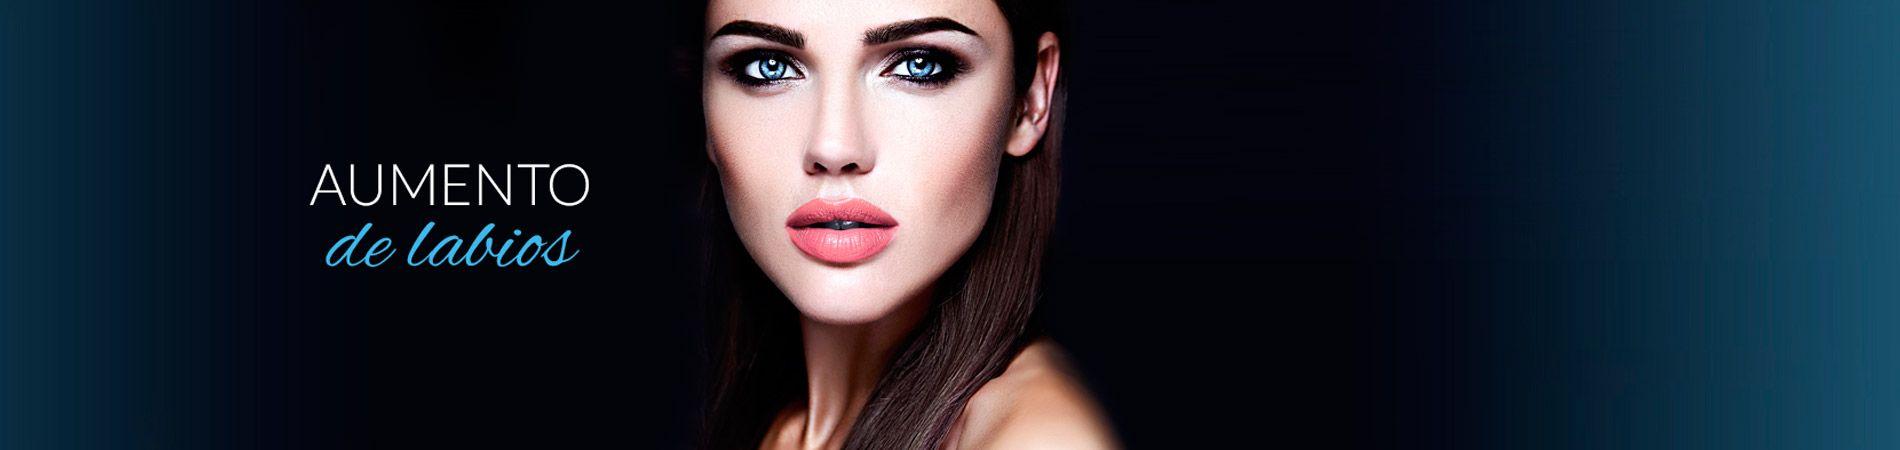 Aumento de labios en Madrid, Valencia y Barcelona